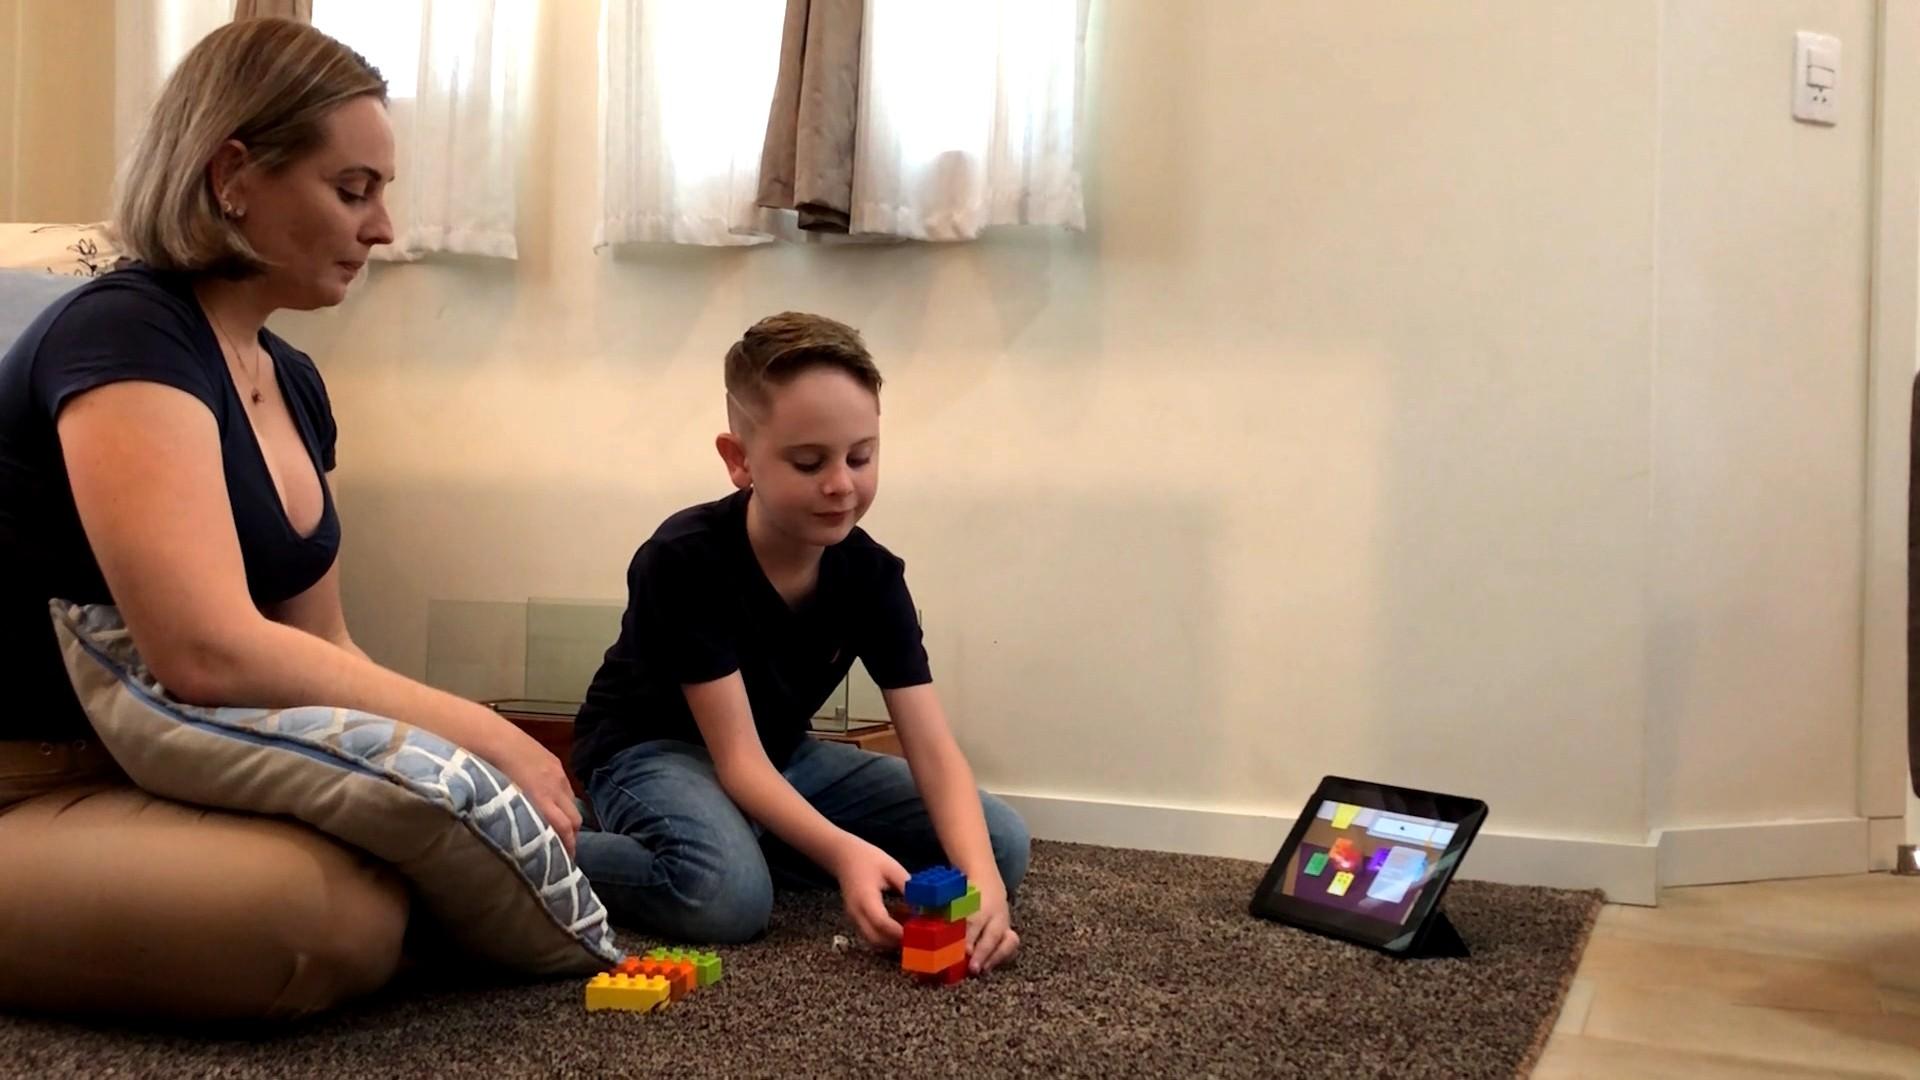 Empresa de tecnologia de SC cria série com atividades que ensinam e divertem crianças durante a quarentena